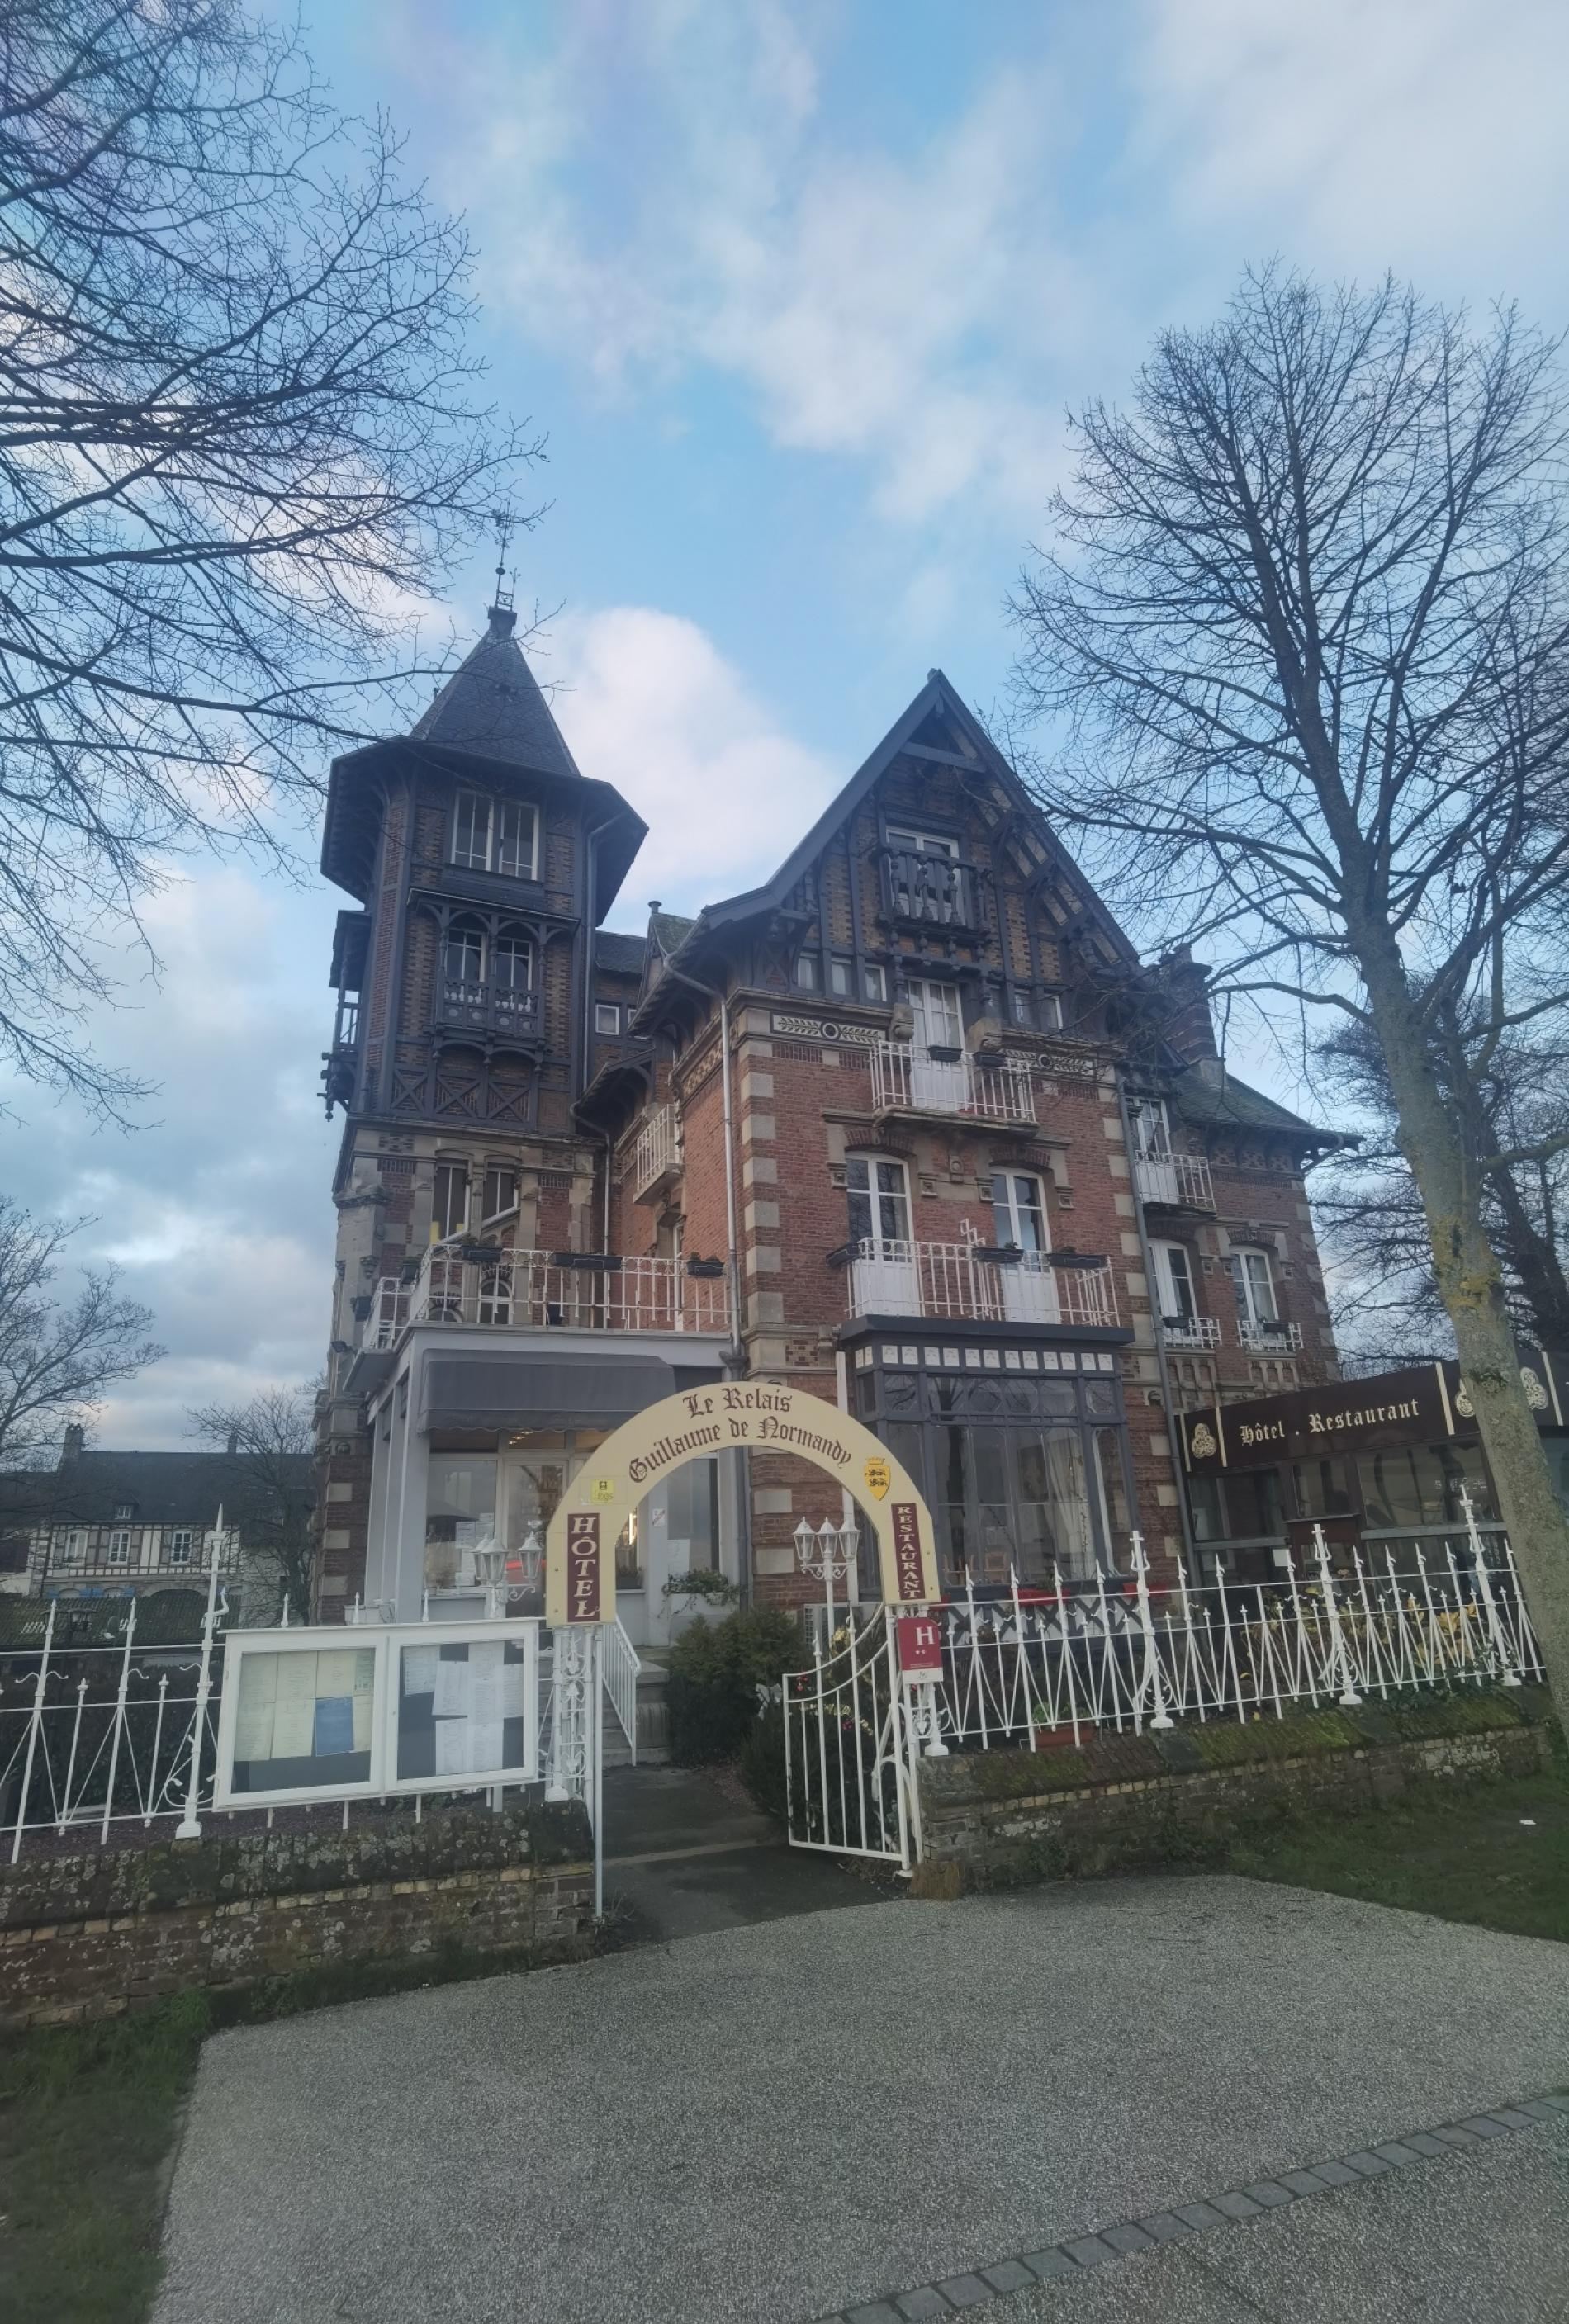 Logis Hôtel le Relais Guillaume de Normandy